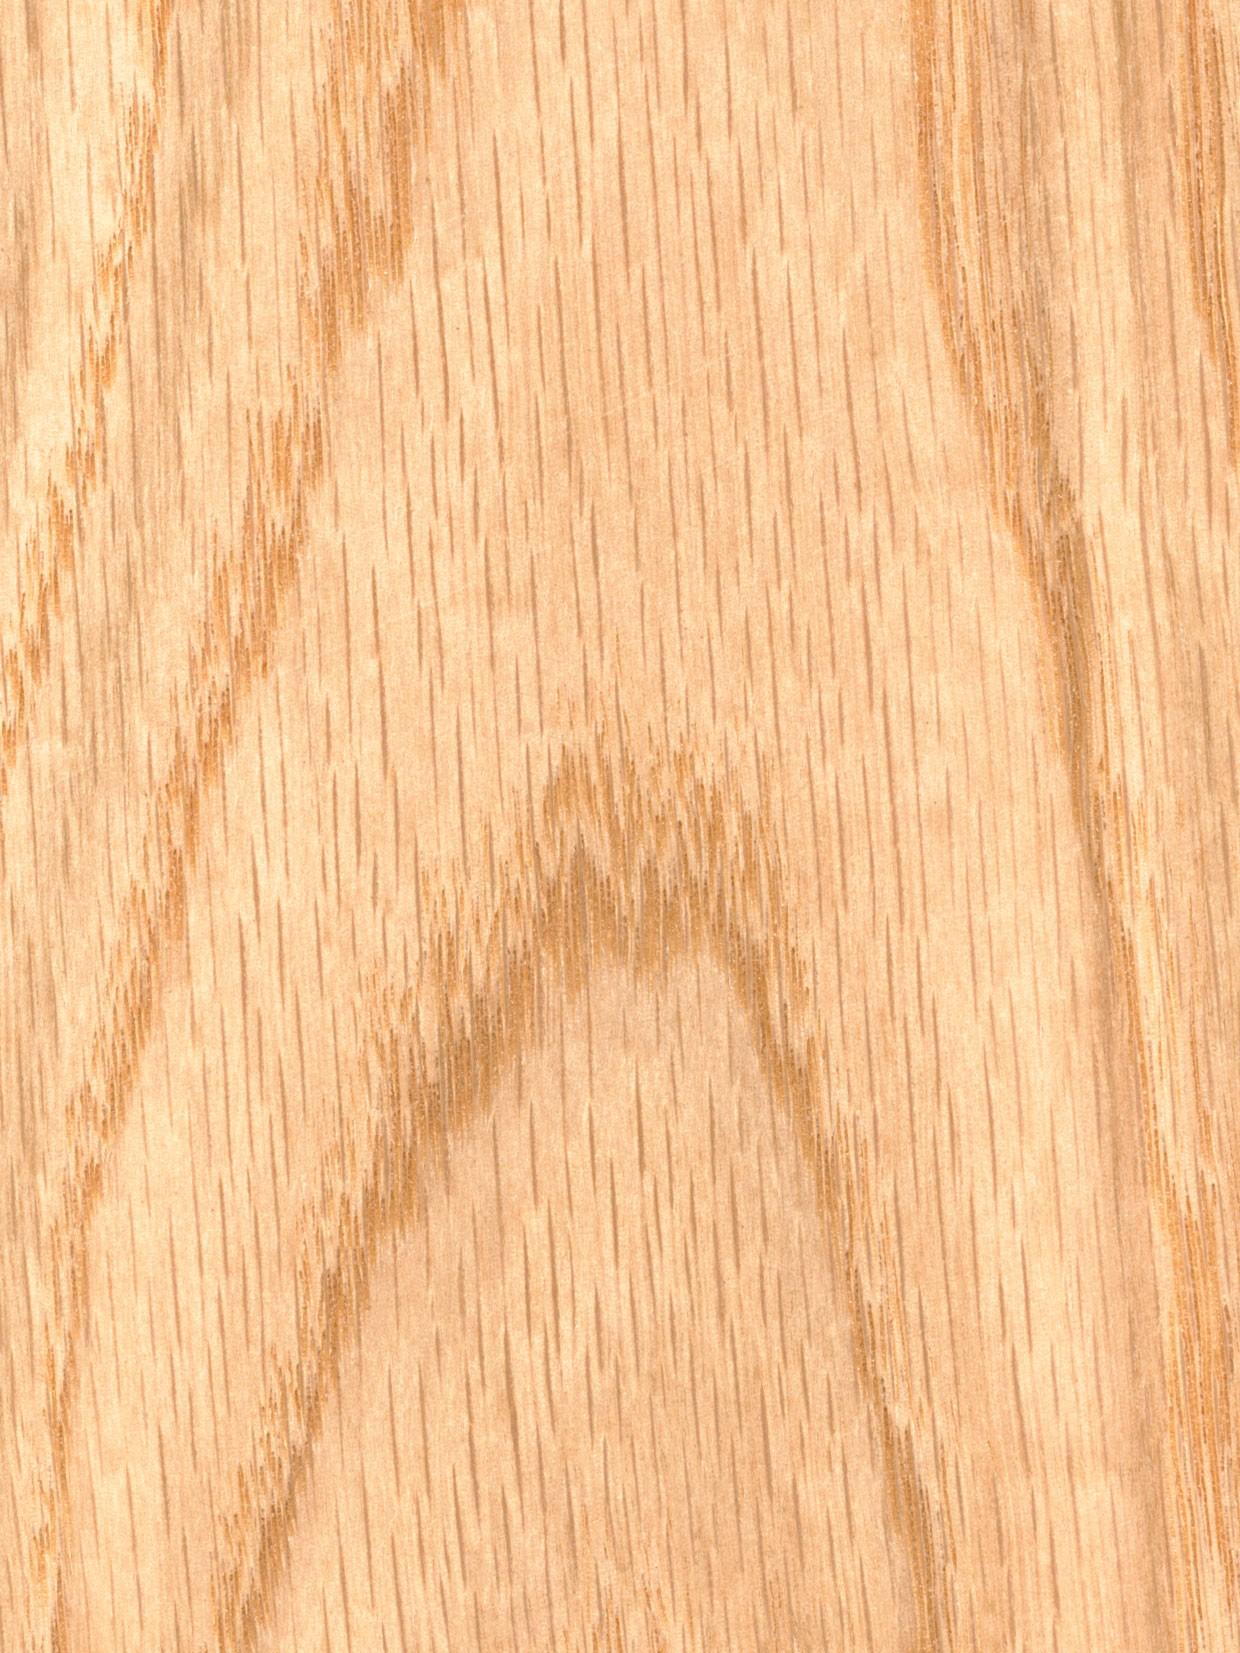 Oak Slab Door